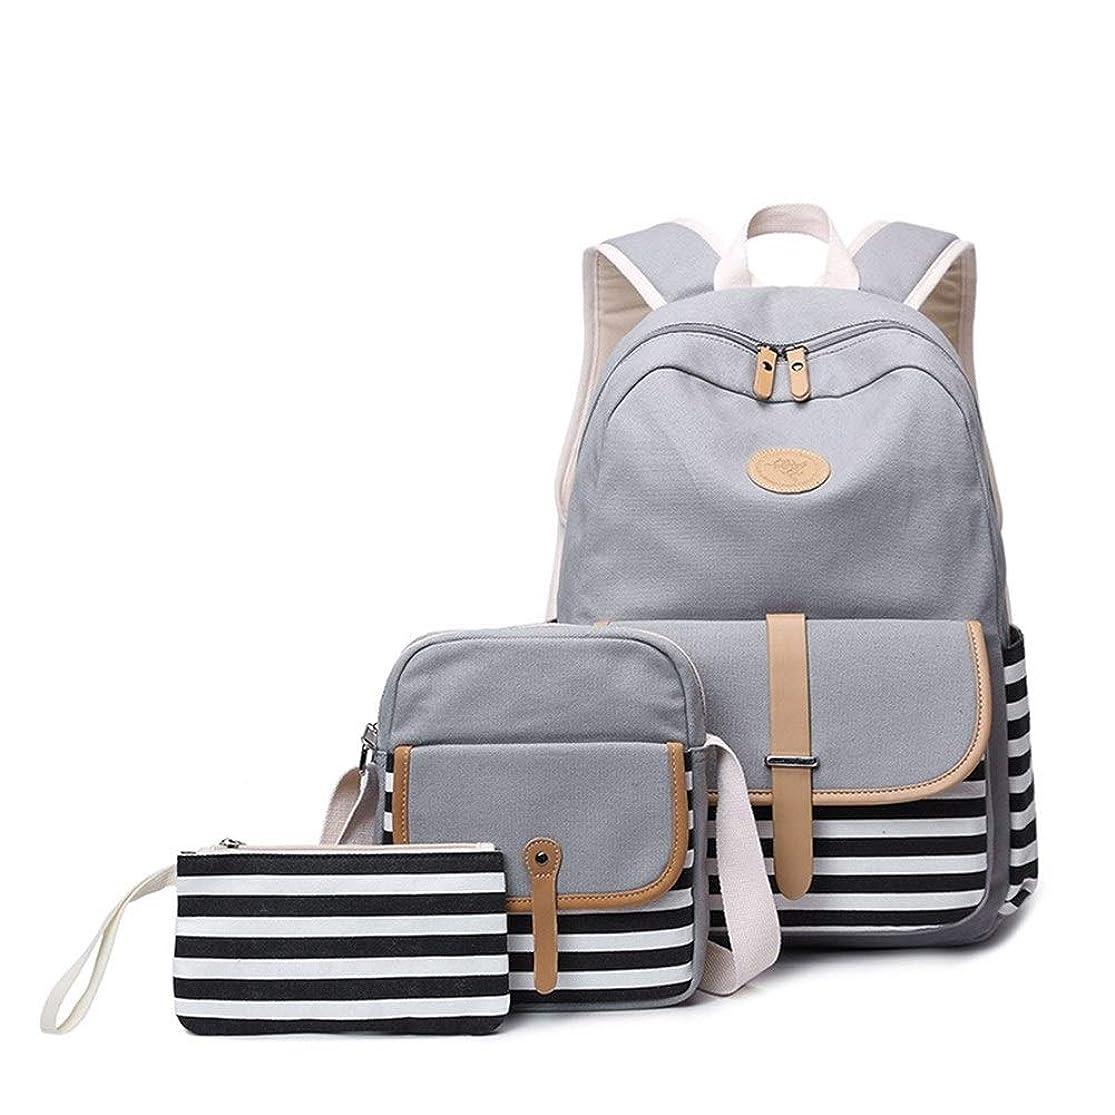 ワーカー独裁取り出すスクールバックパック、キャンバスバックパック、ティーンガール向けのランチバッグと鉛筆ケース付き軽量ラップトップバッグ、3 in 1 Blue (Color : Gray)